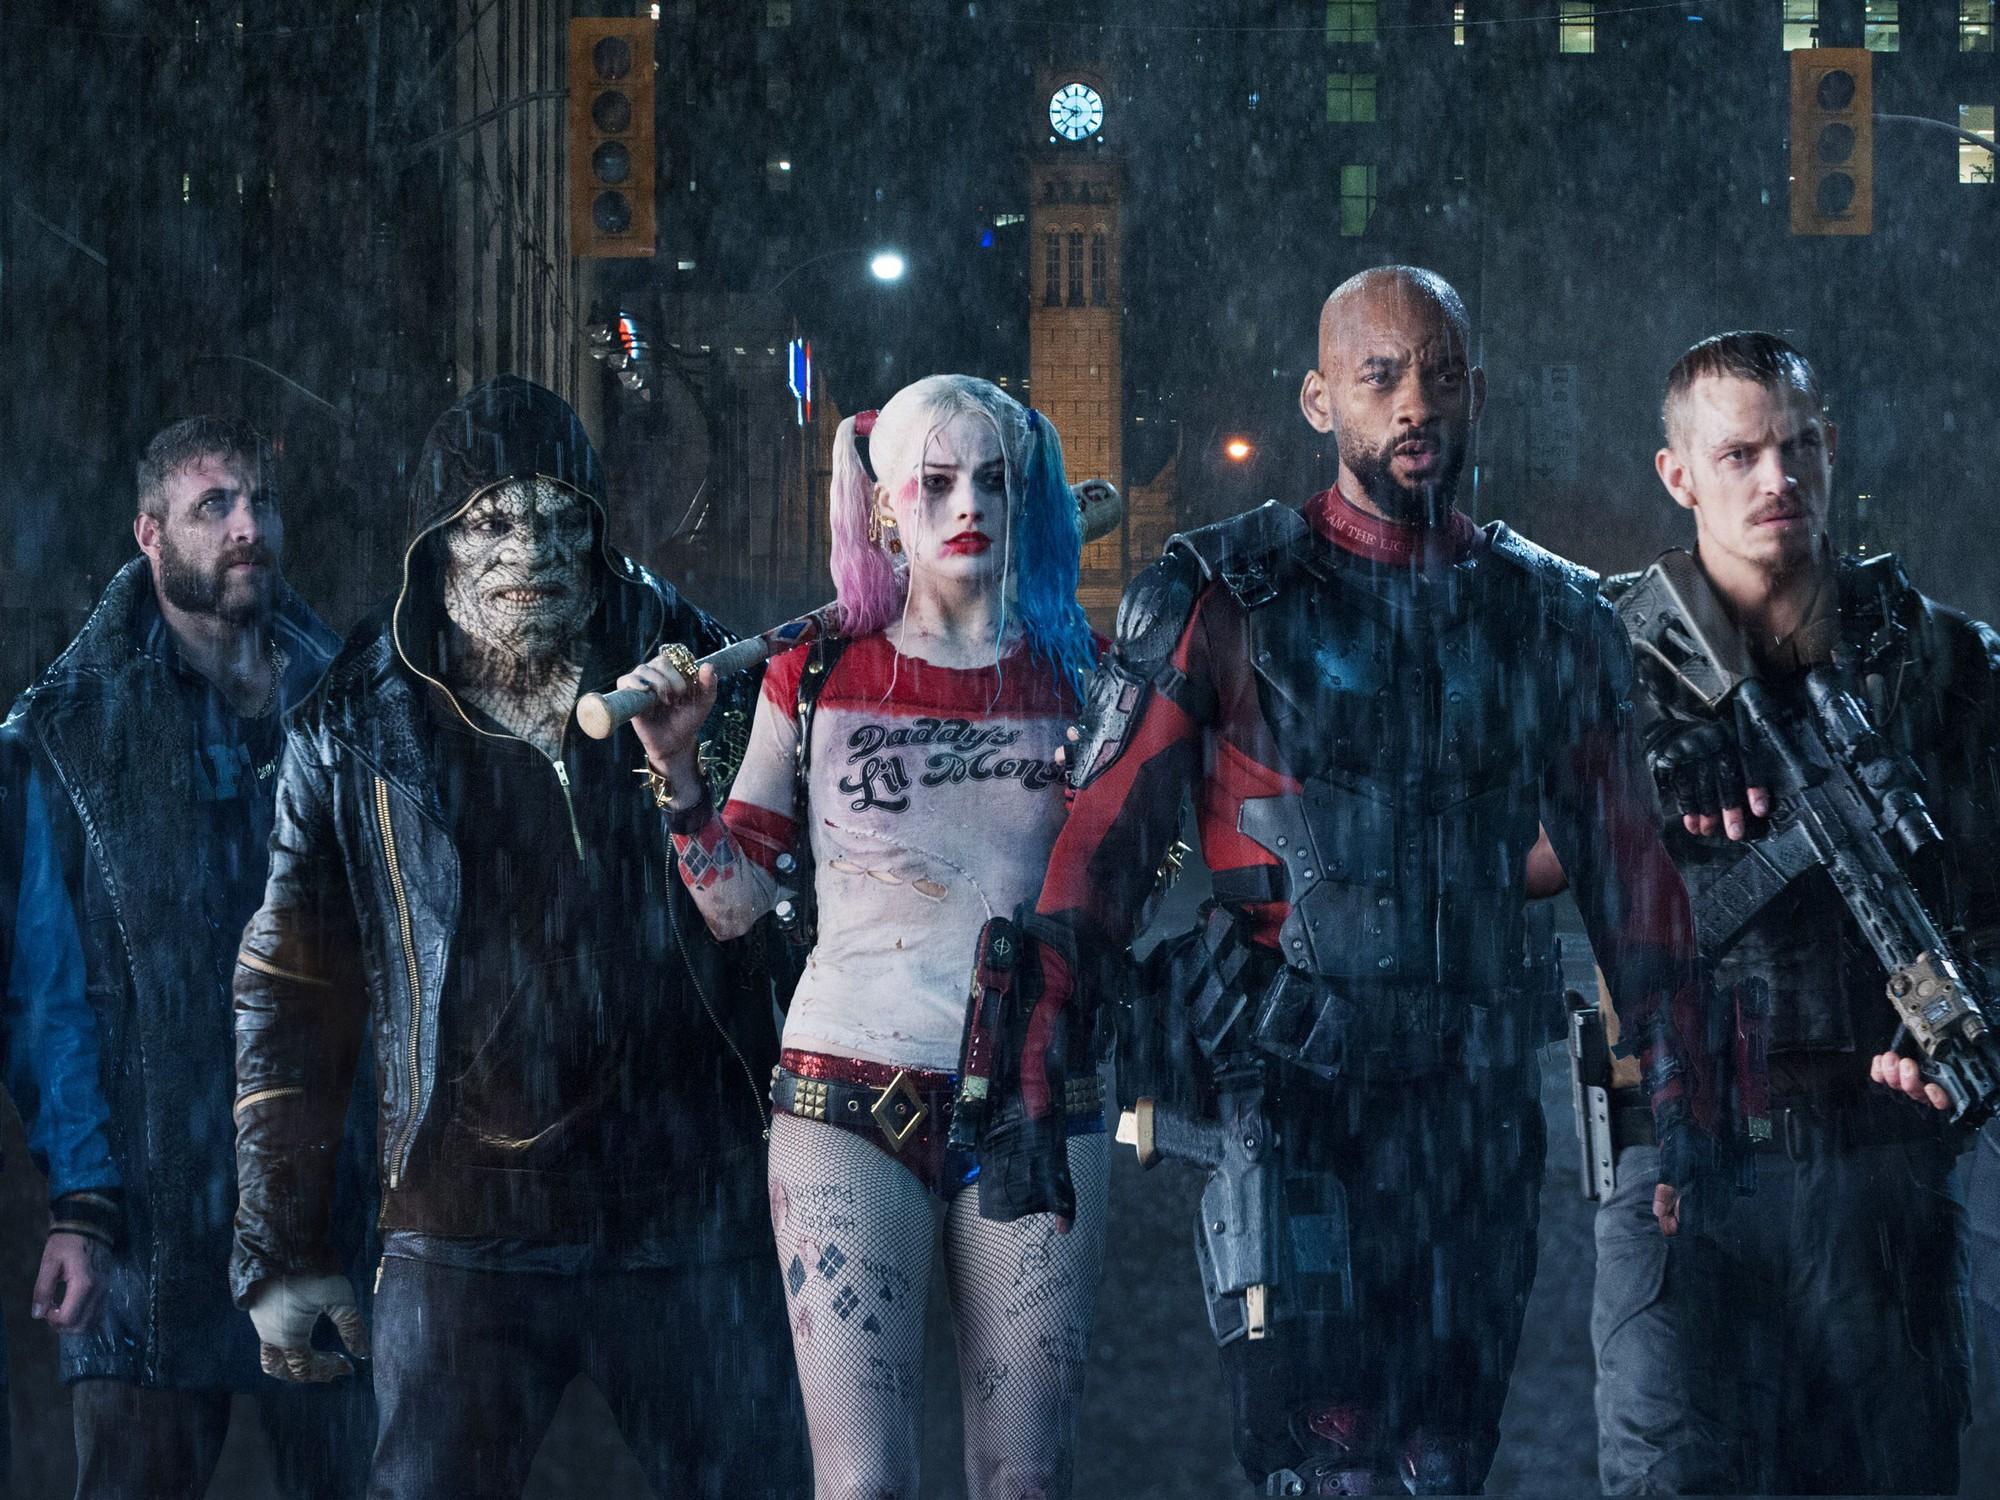 5 phản anh hùng màn ảnh khiến fan mê mệt còn hơn cả siêu anh hùng - Ảnh 4.